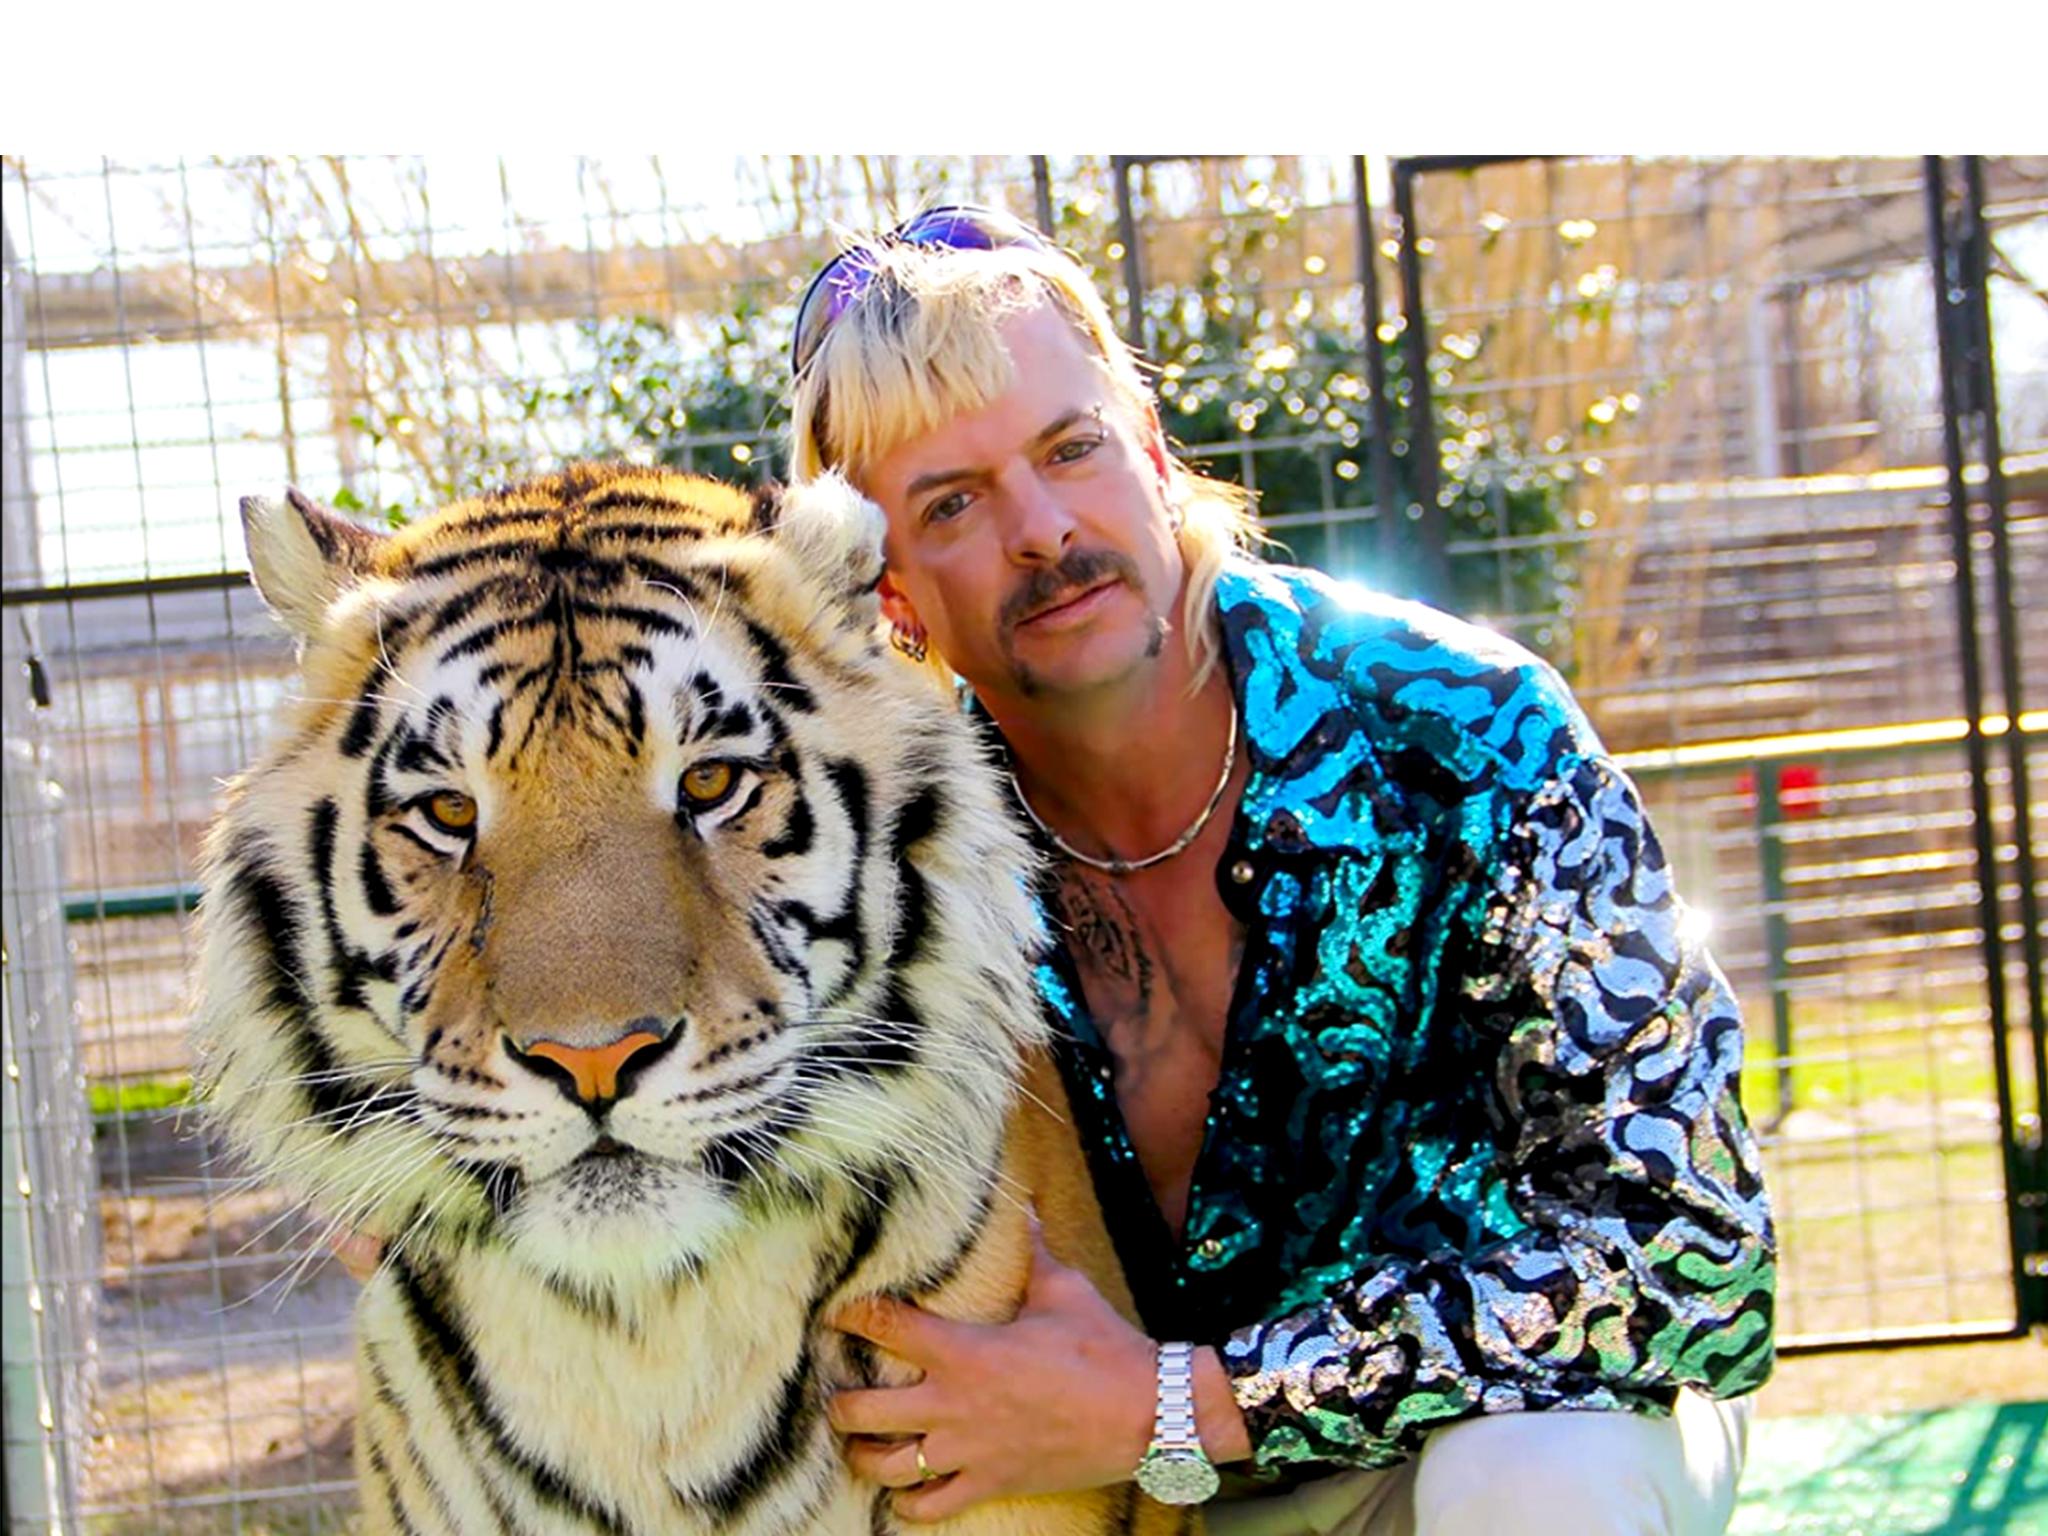 Televisão, Séries, Tiger King